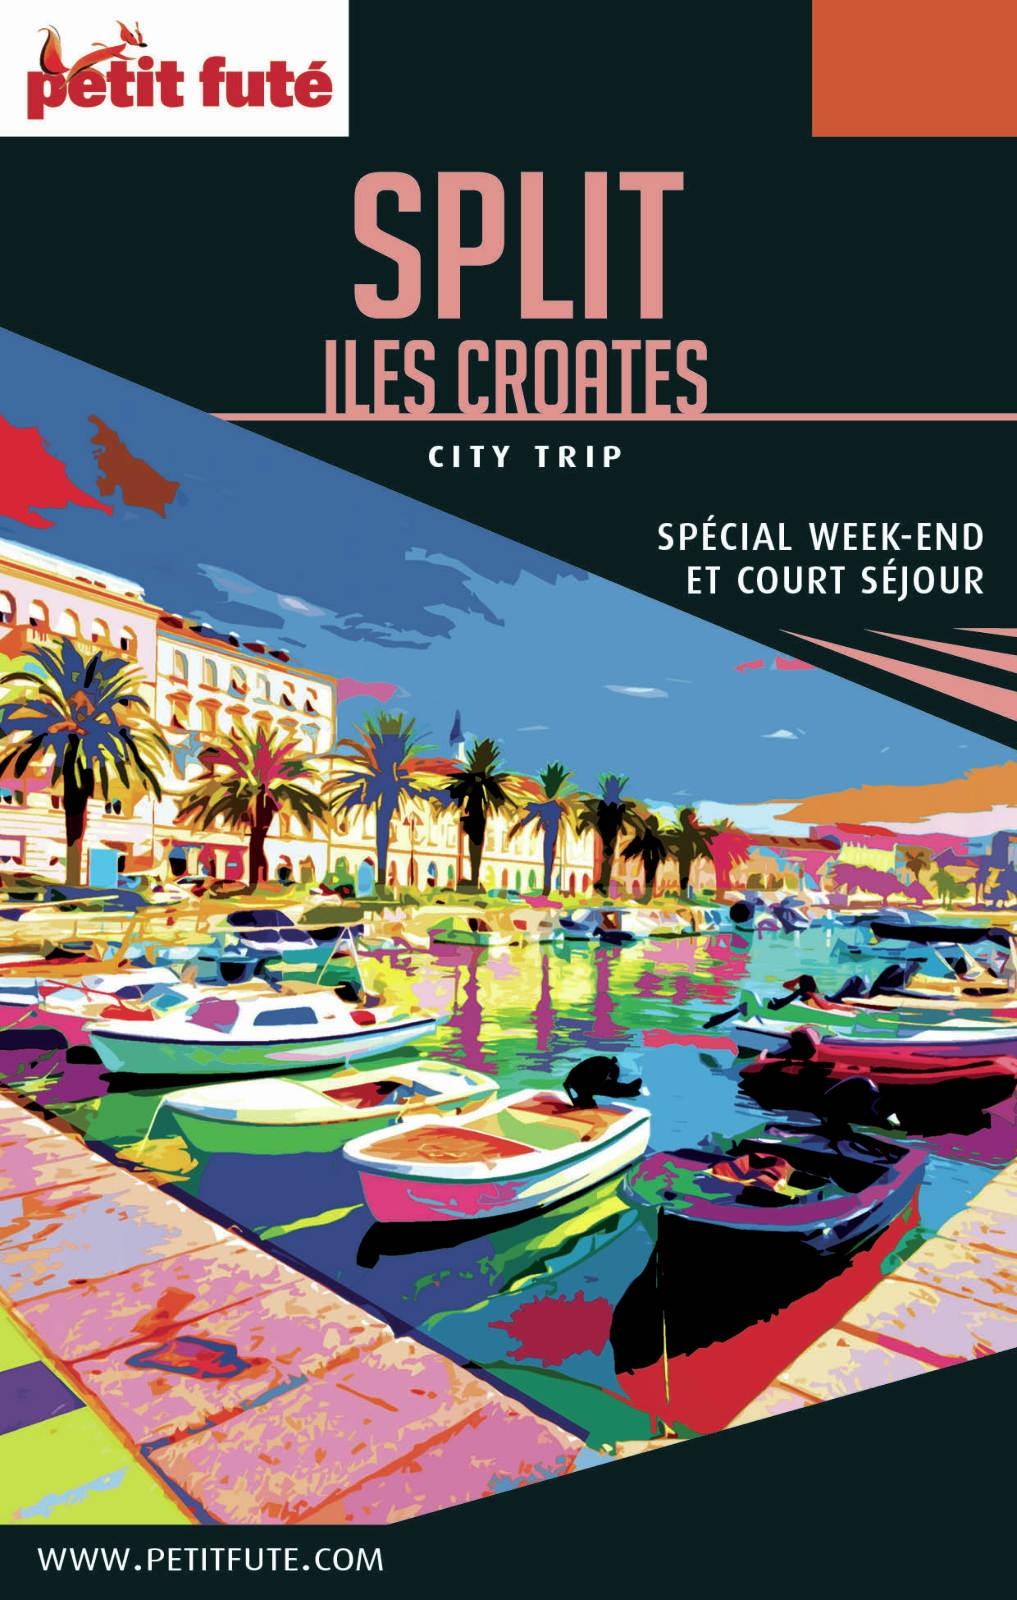 SPLIT / ILES CROATES CITY TRIP 2017 City trip Petit Futé